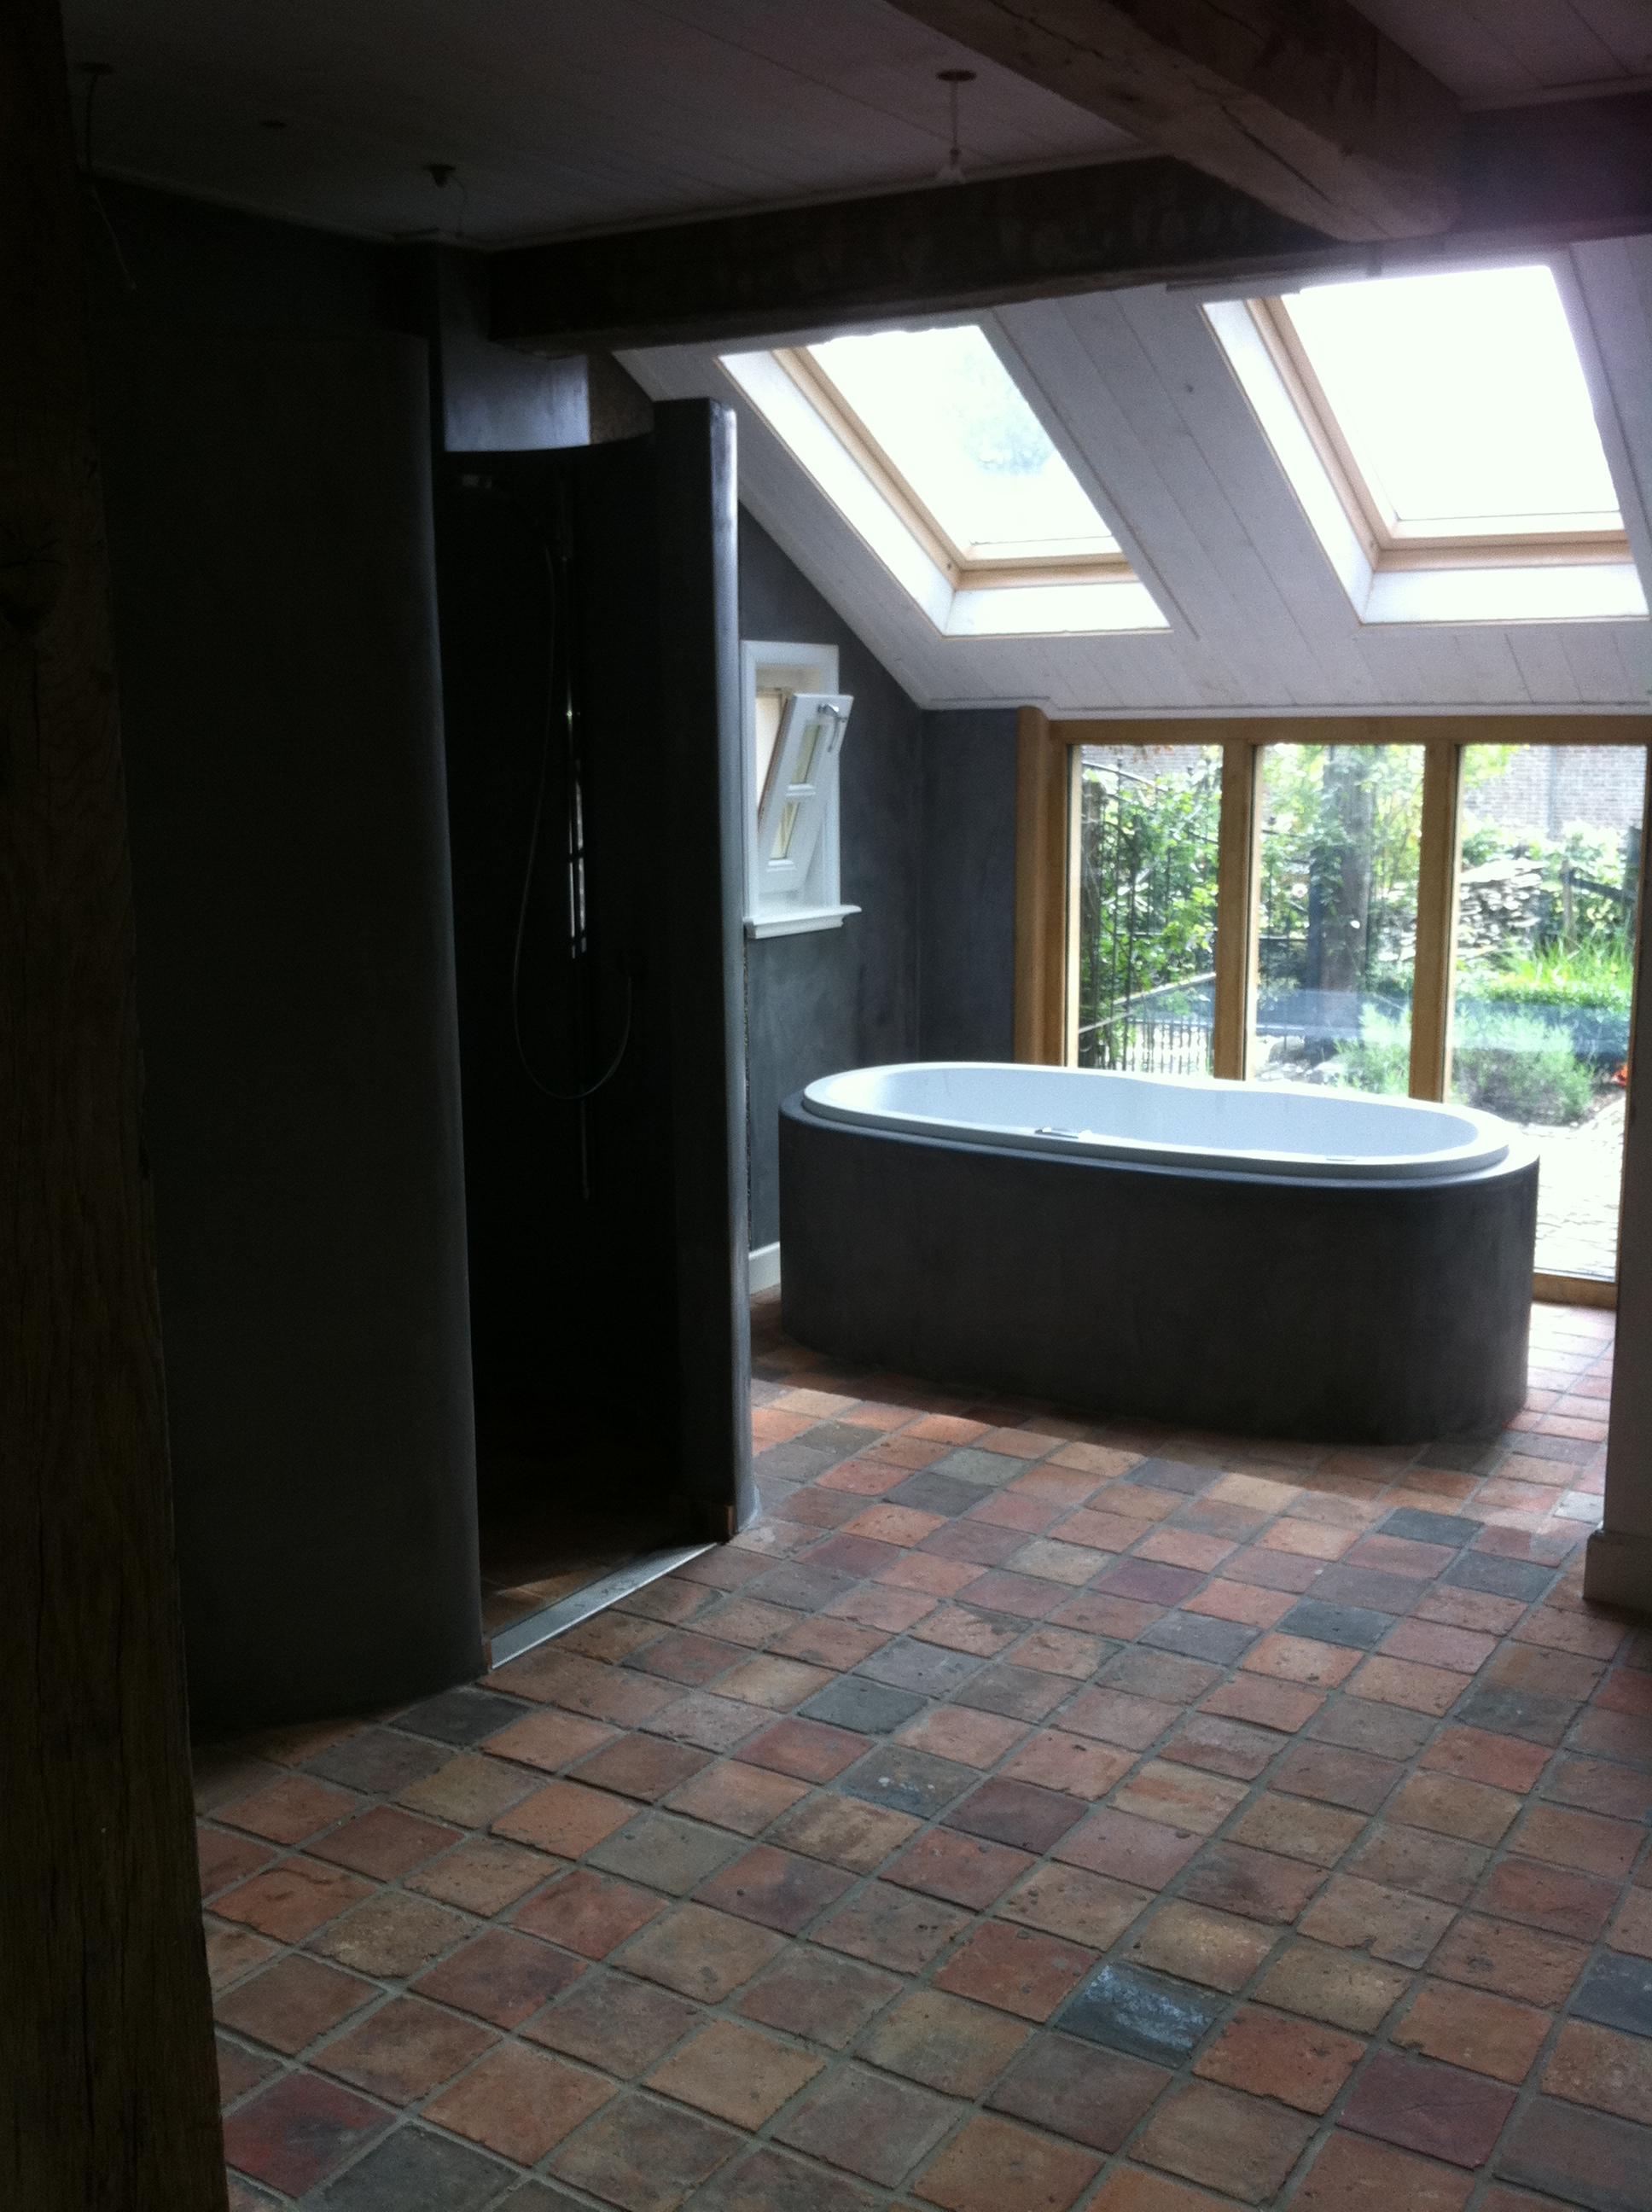 Estrikken rood wj oude bouwmaterialen - Bijvoorbeeld vlak badkamer ...